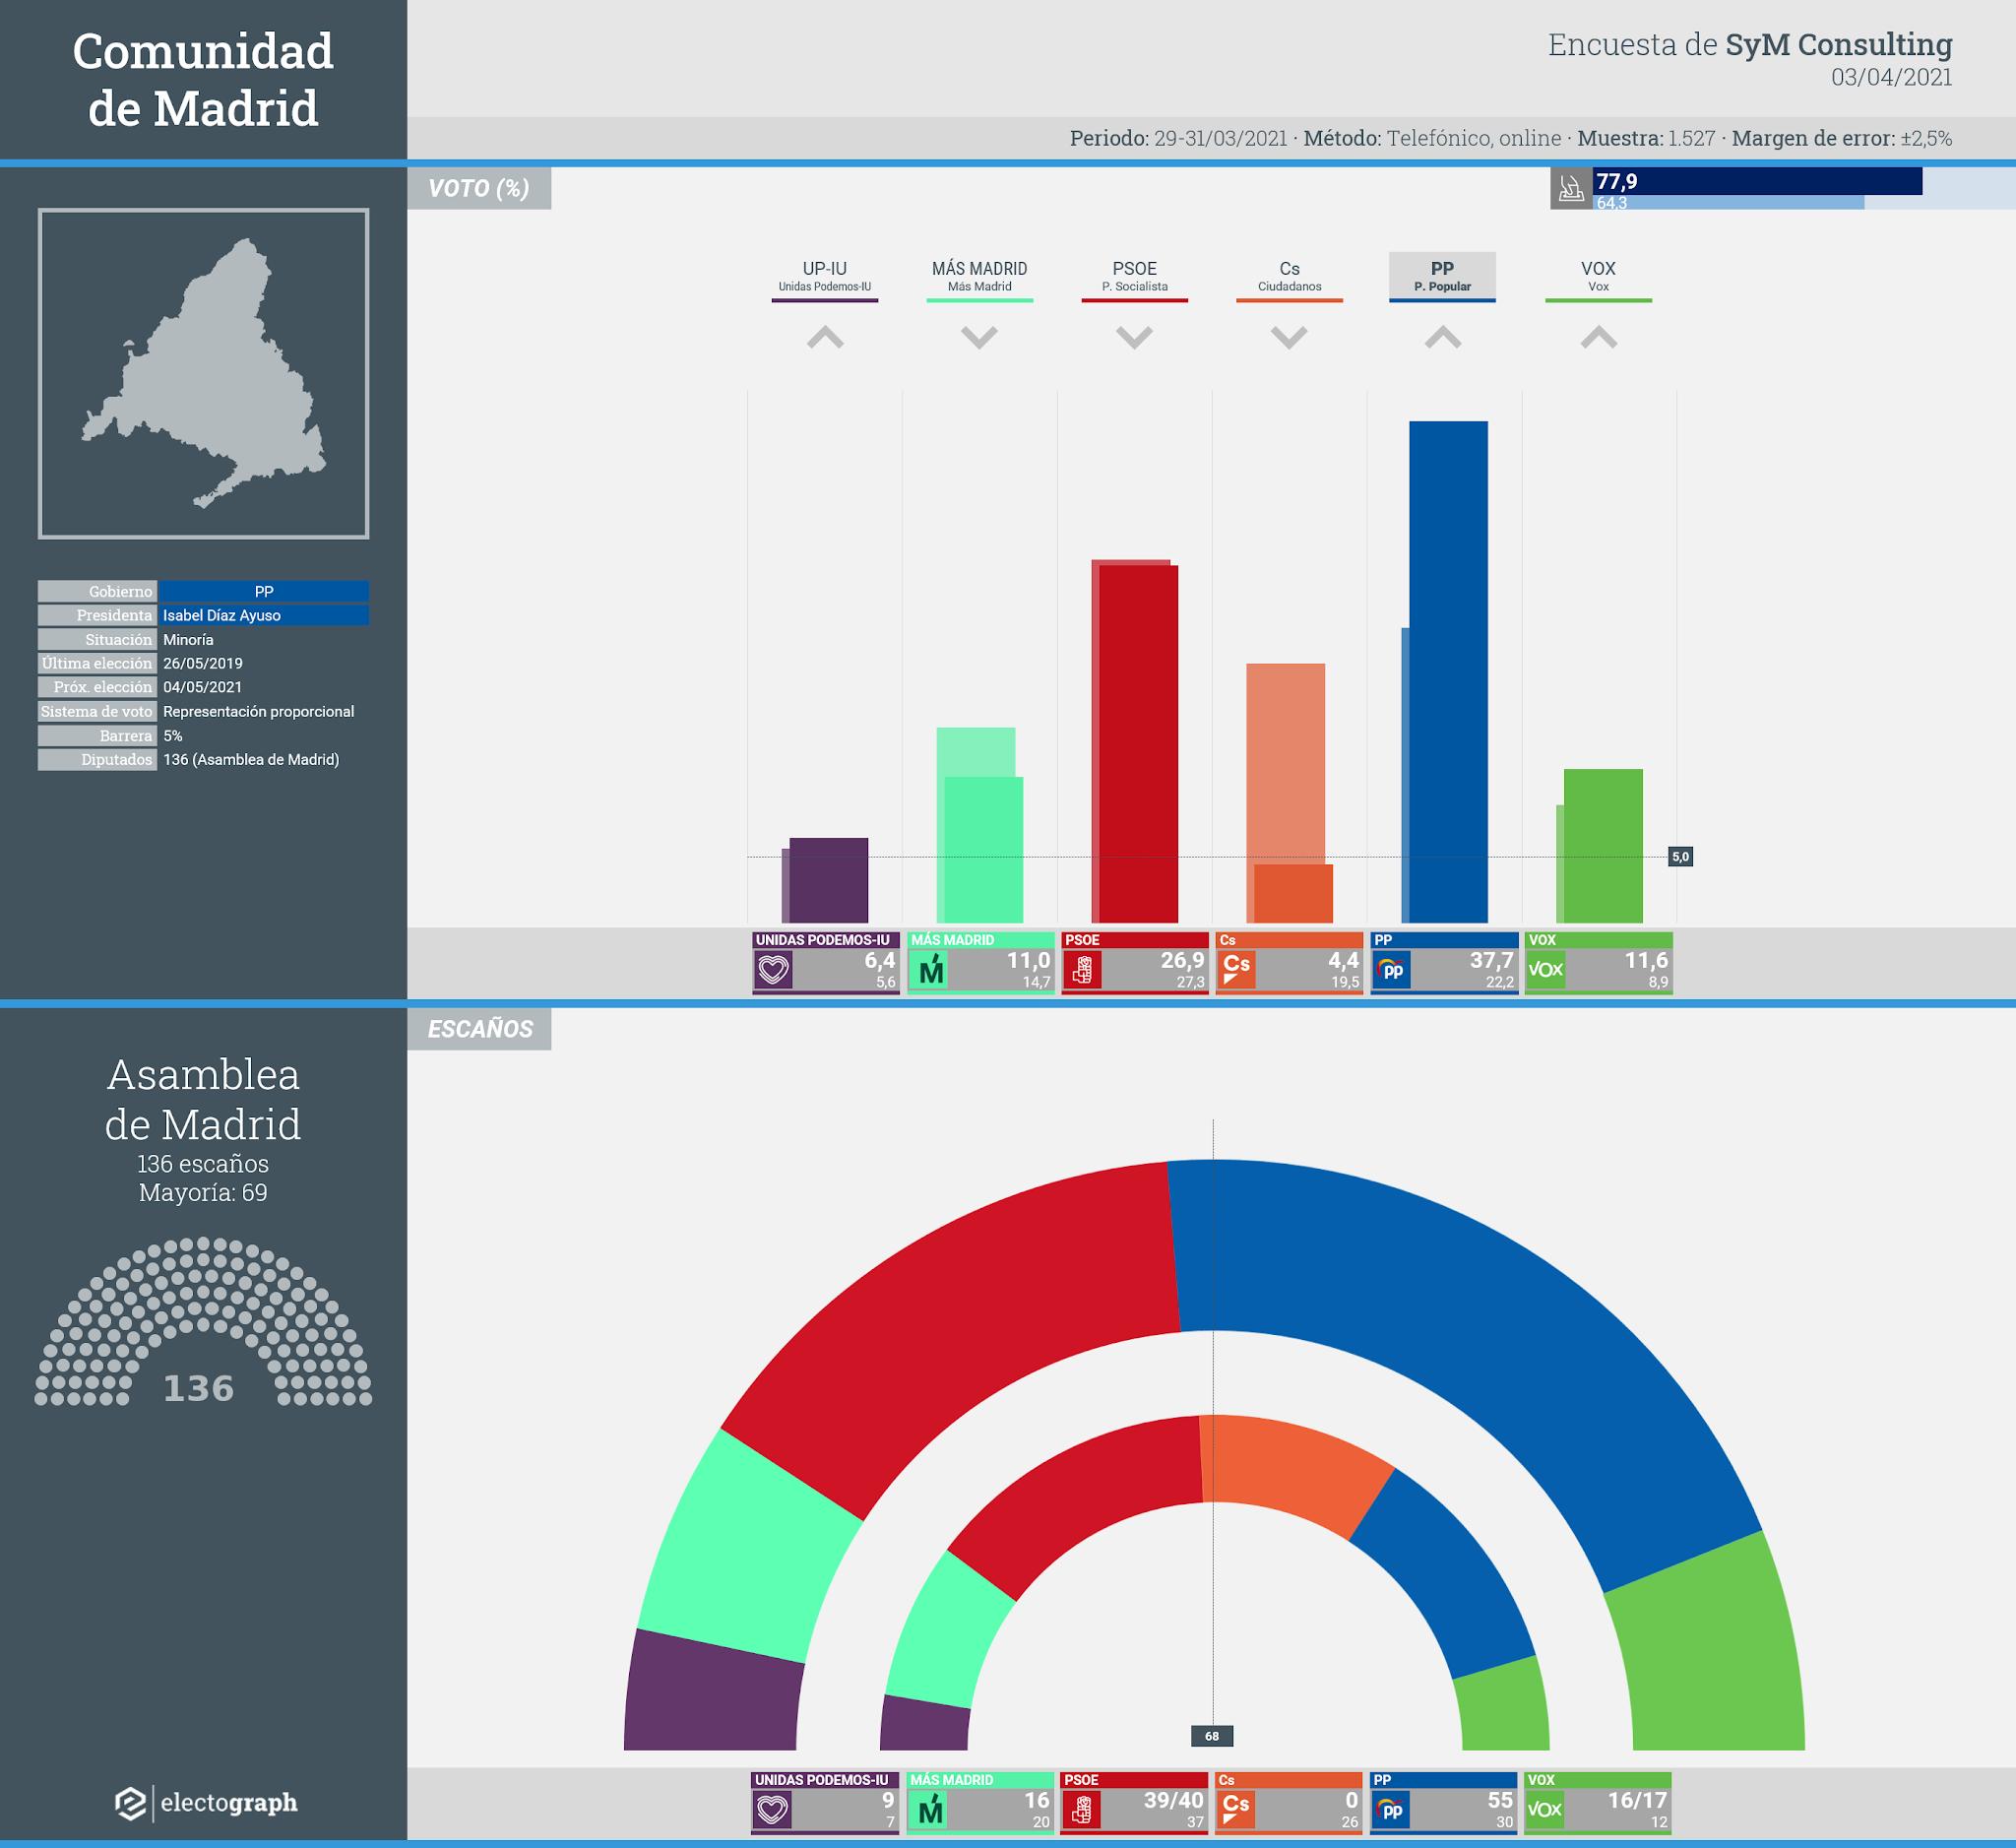 Gráfico de la encuesta para elecciones autonómicas en la Comunidad de Madrid realizada por SyM Consulting, 3 de abril de 2021